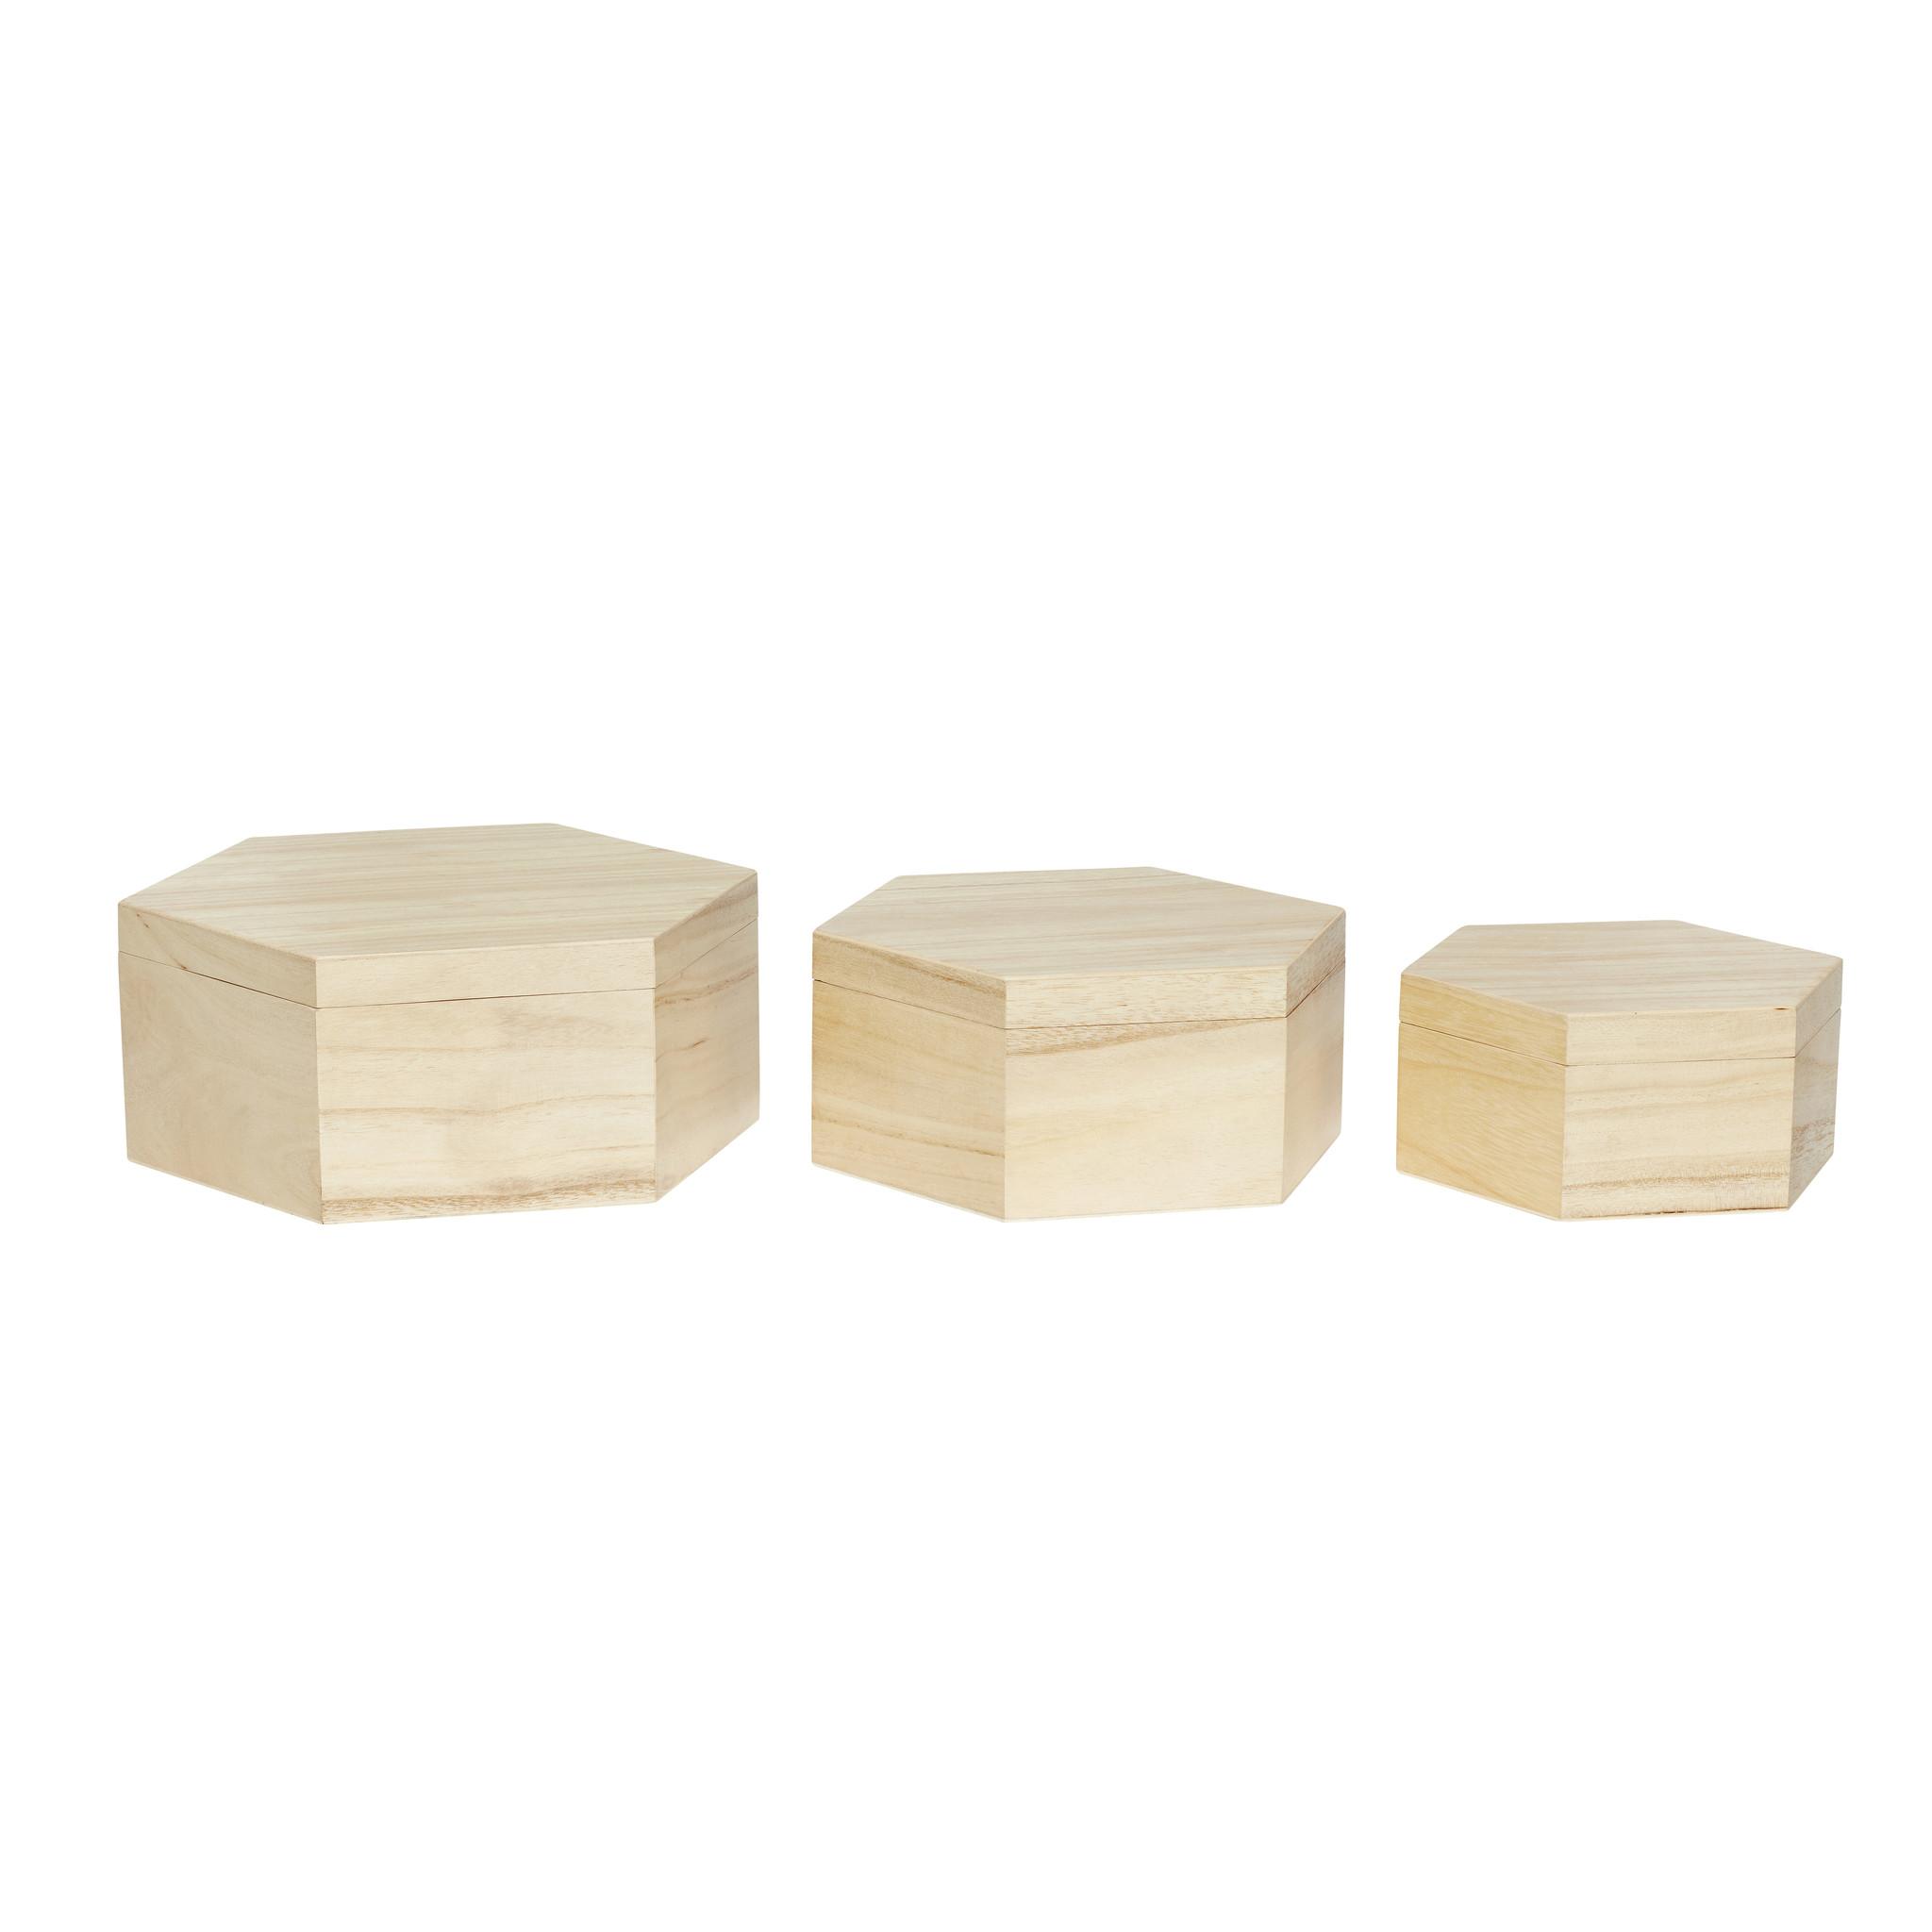 Hubsch Voorraadpot met deksel, hout, natuur, set van 3-130205-5712772059418